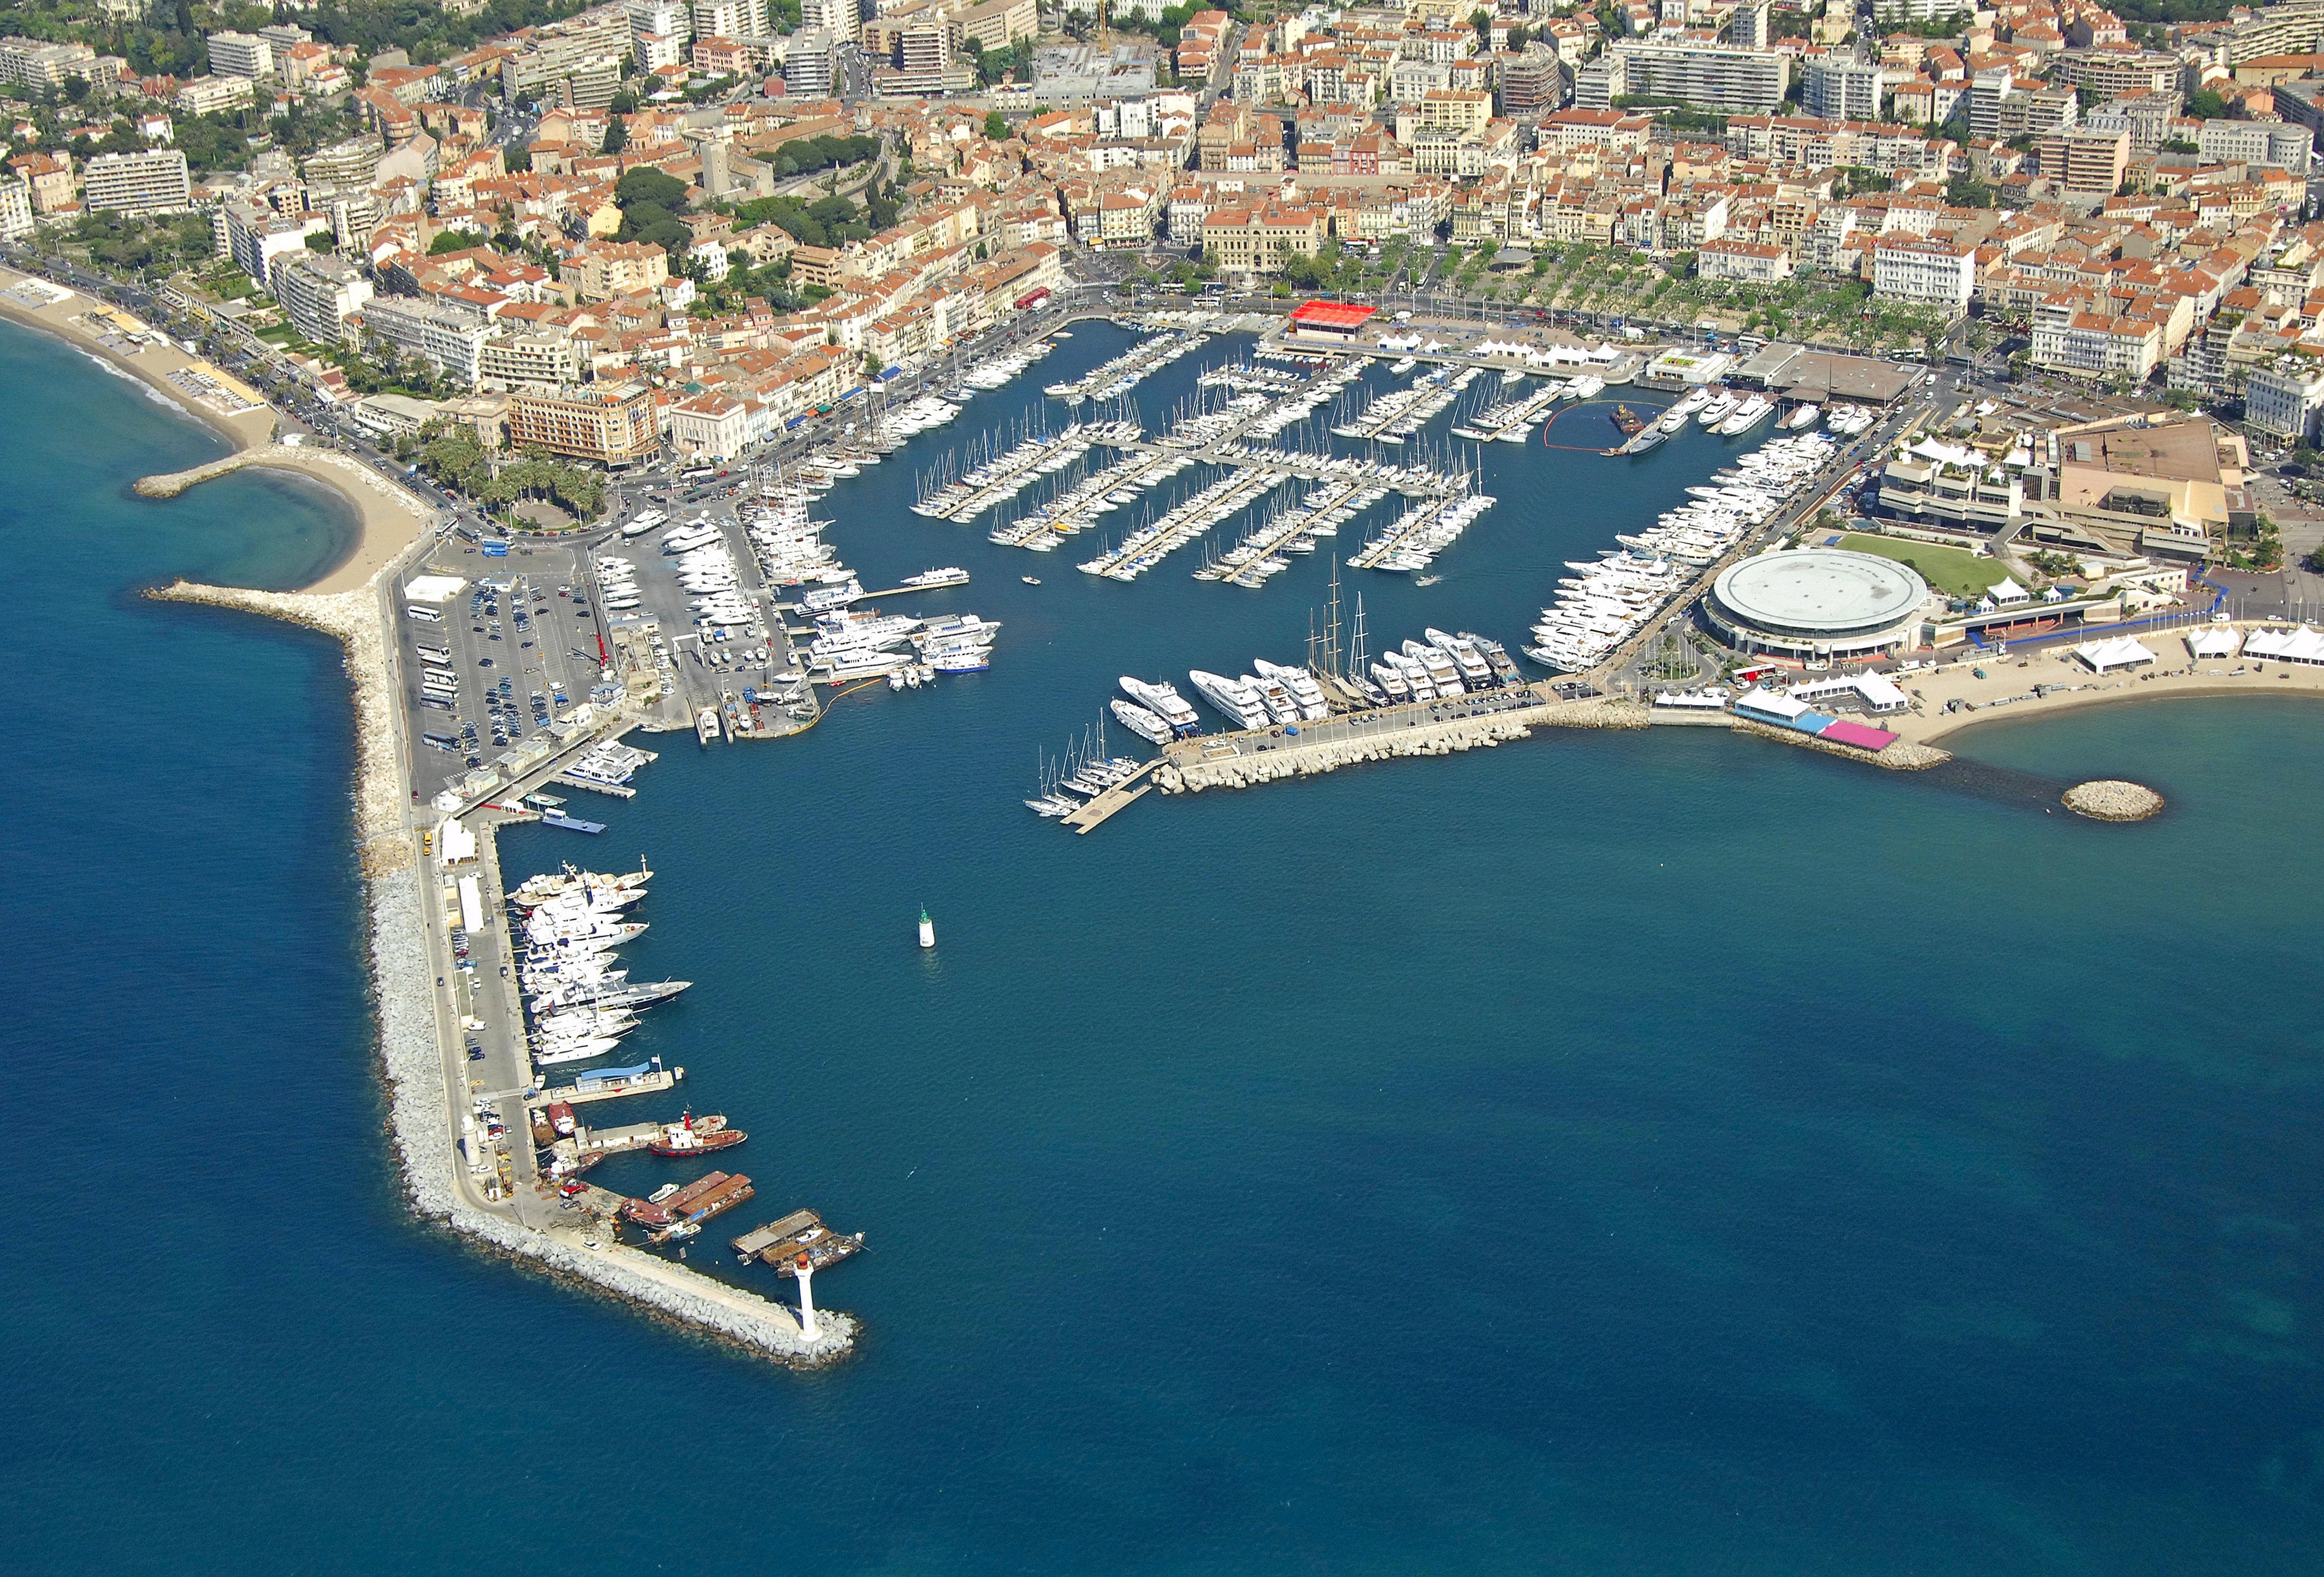 Port de cannes marina in cannes provence alpes cote d 39 azur france marina reviews phone - Port de cannes capitainerie ...